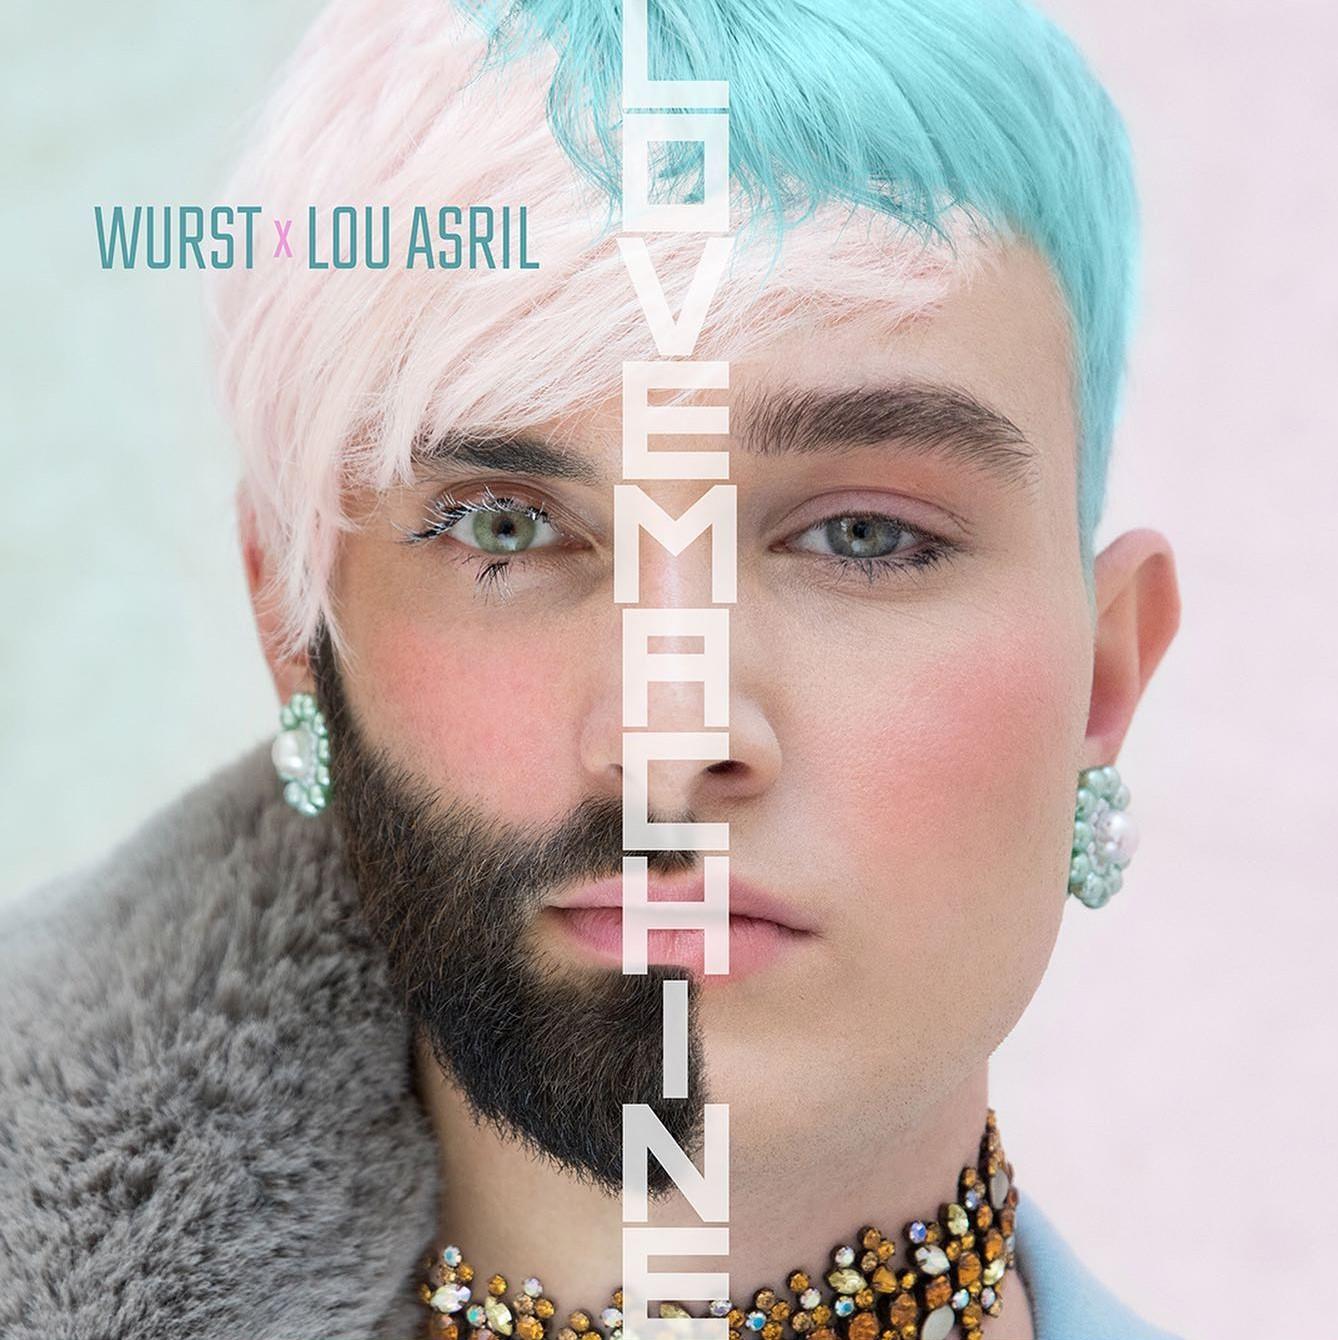 """Fuori """"Lovemachine"""", il nuovo singolo di Conchita Wurst assieme a Lou Asril"""